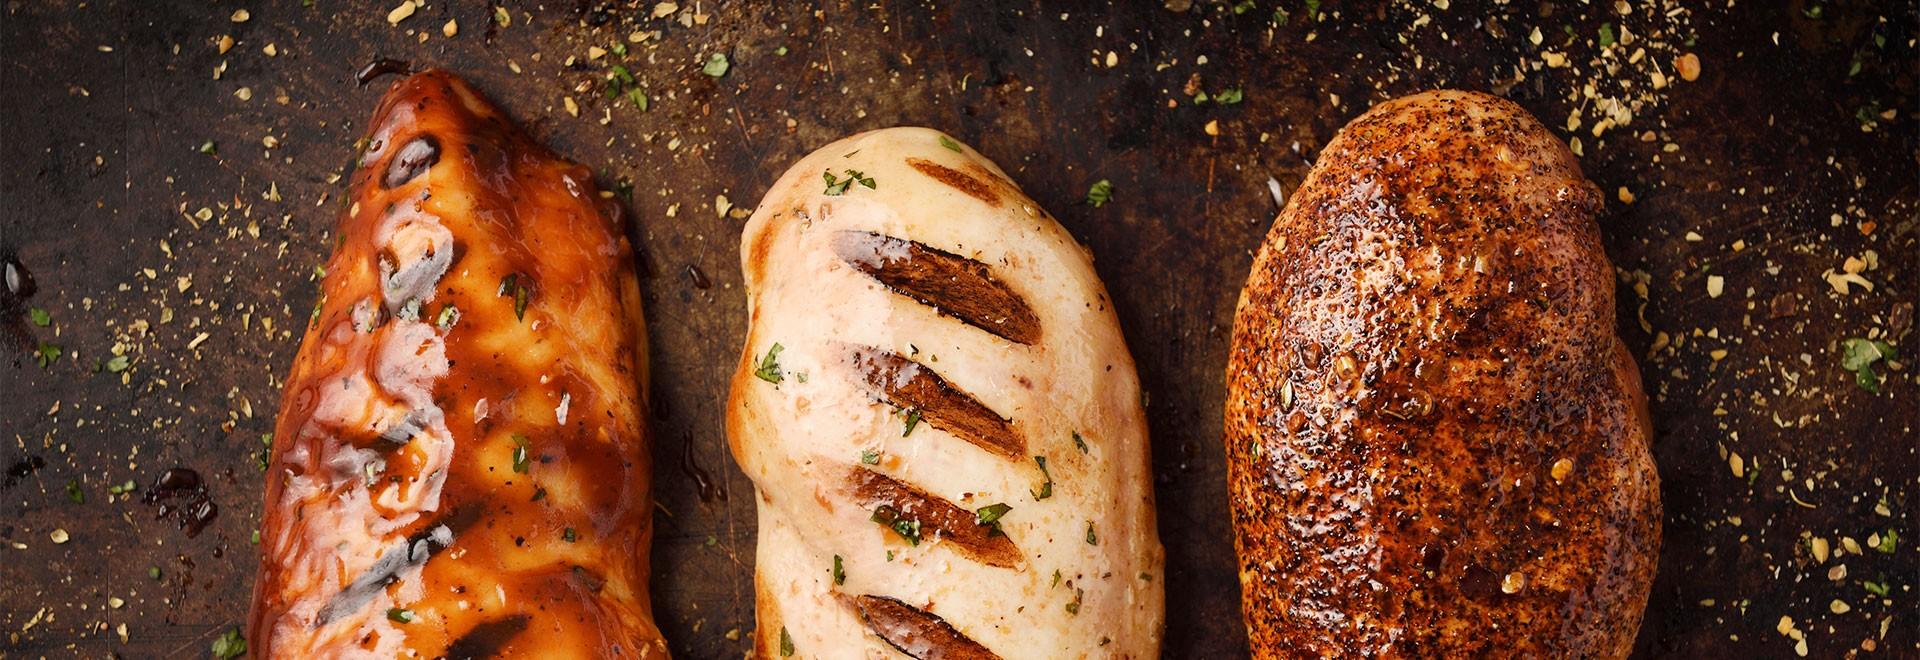 Sélection d'items pour aromatiser les aliments cuits avec le BBQ